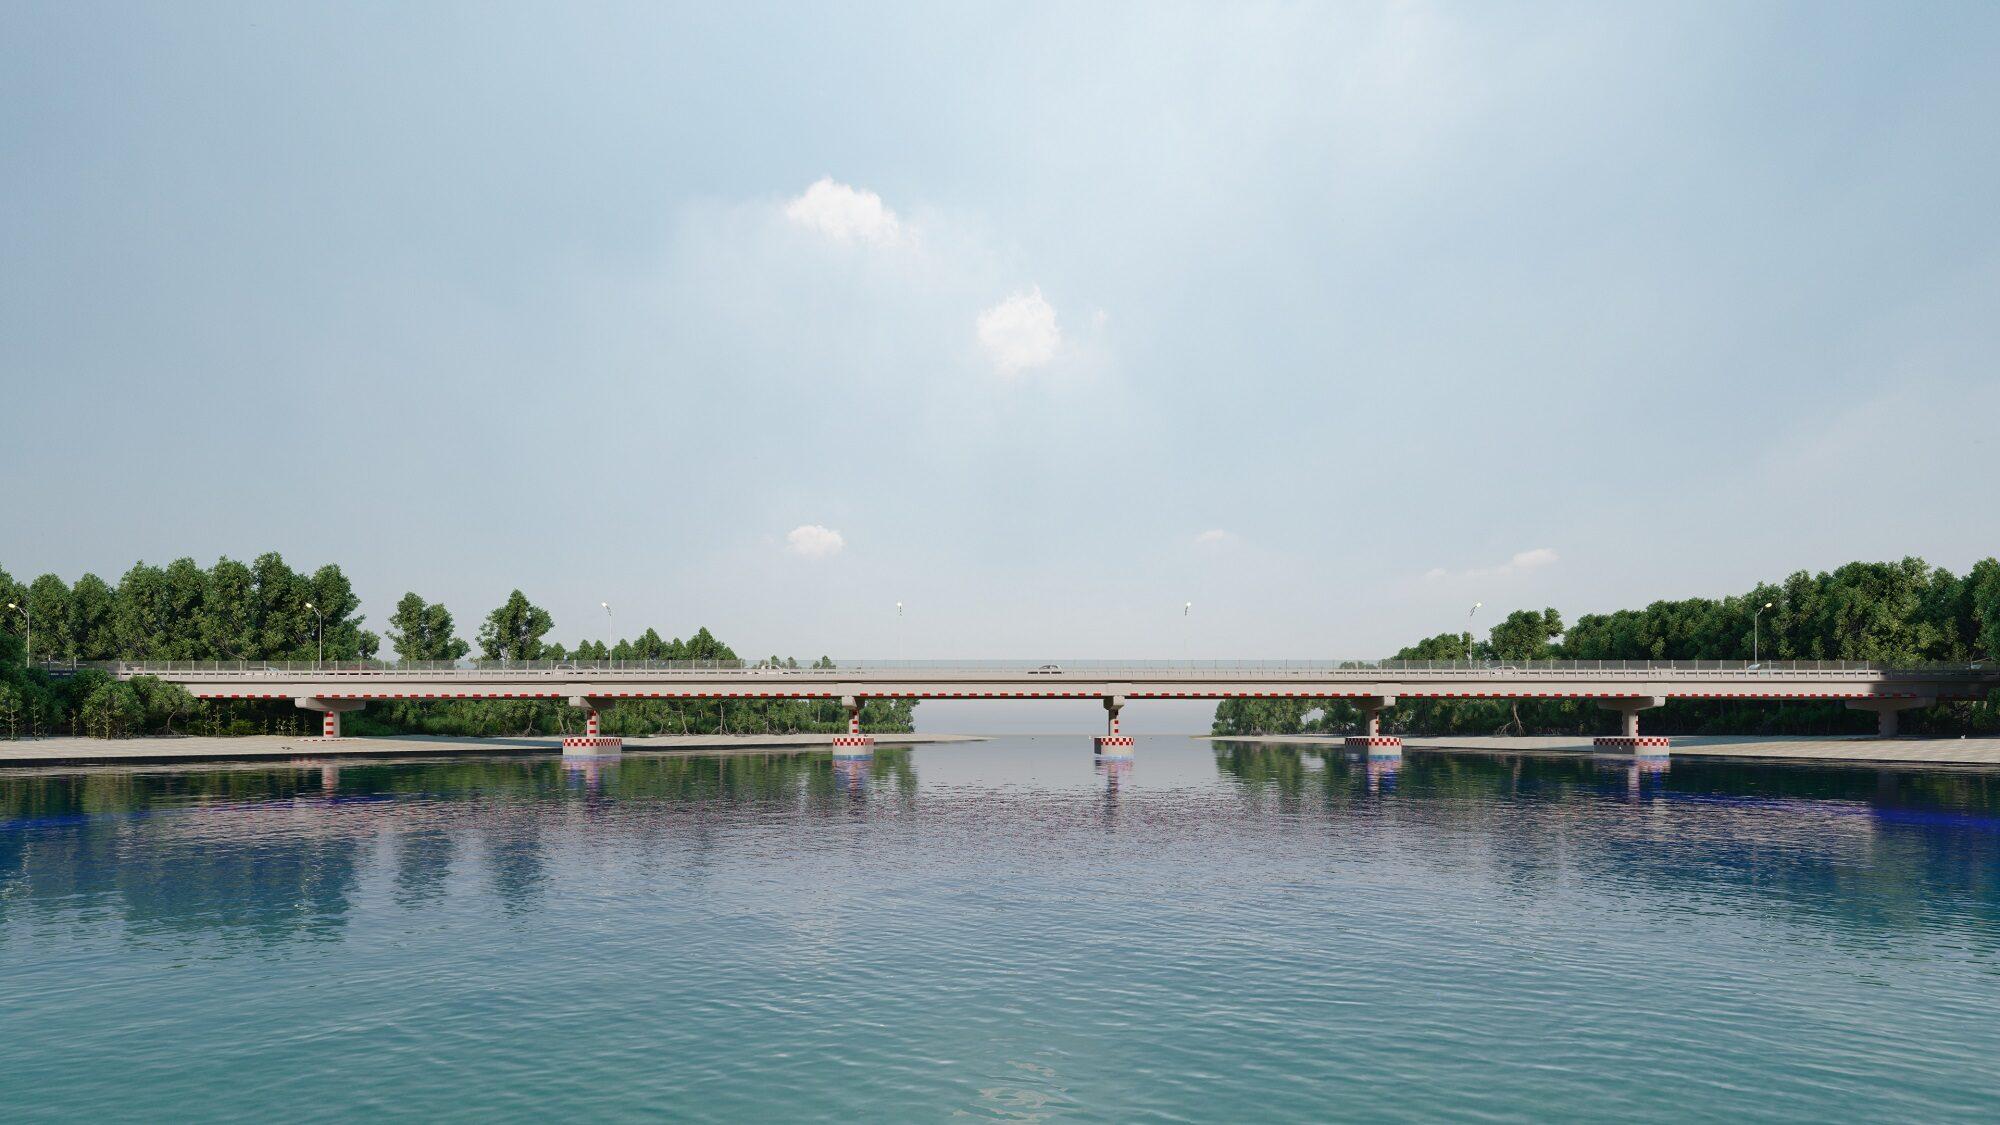 ทางหลวงชนบท เร่งก่อสร้างสะพานข้ามคลองดู จ.สตูล เชื่อมเกาะสู่แผ่นดินใหญ่ คาดแล้วเสร็จปี'65